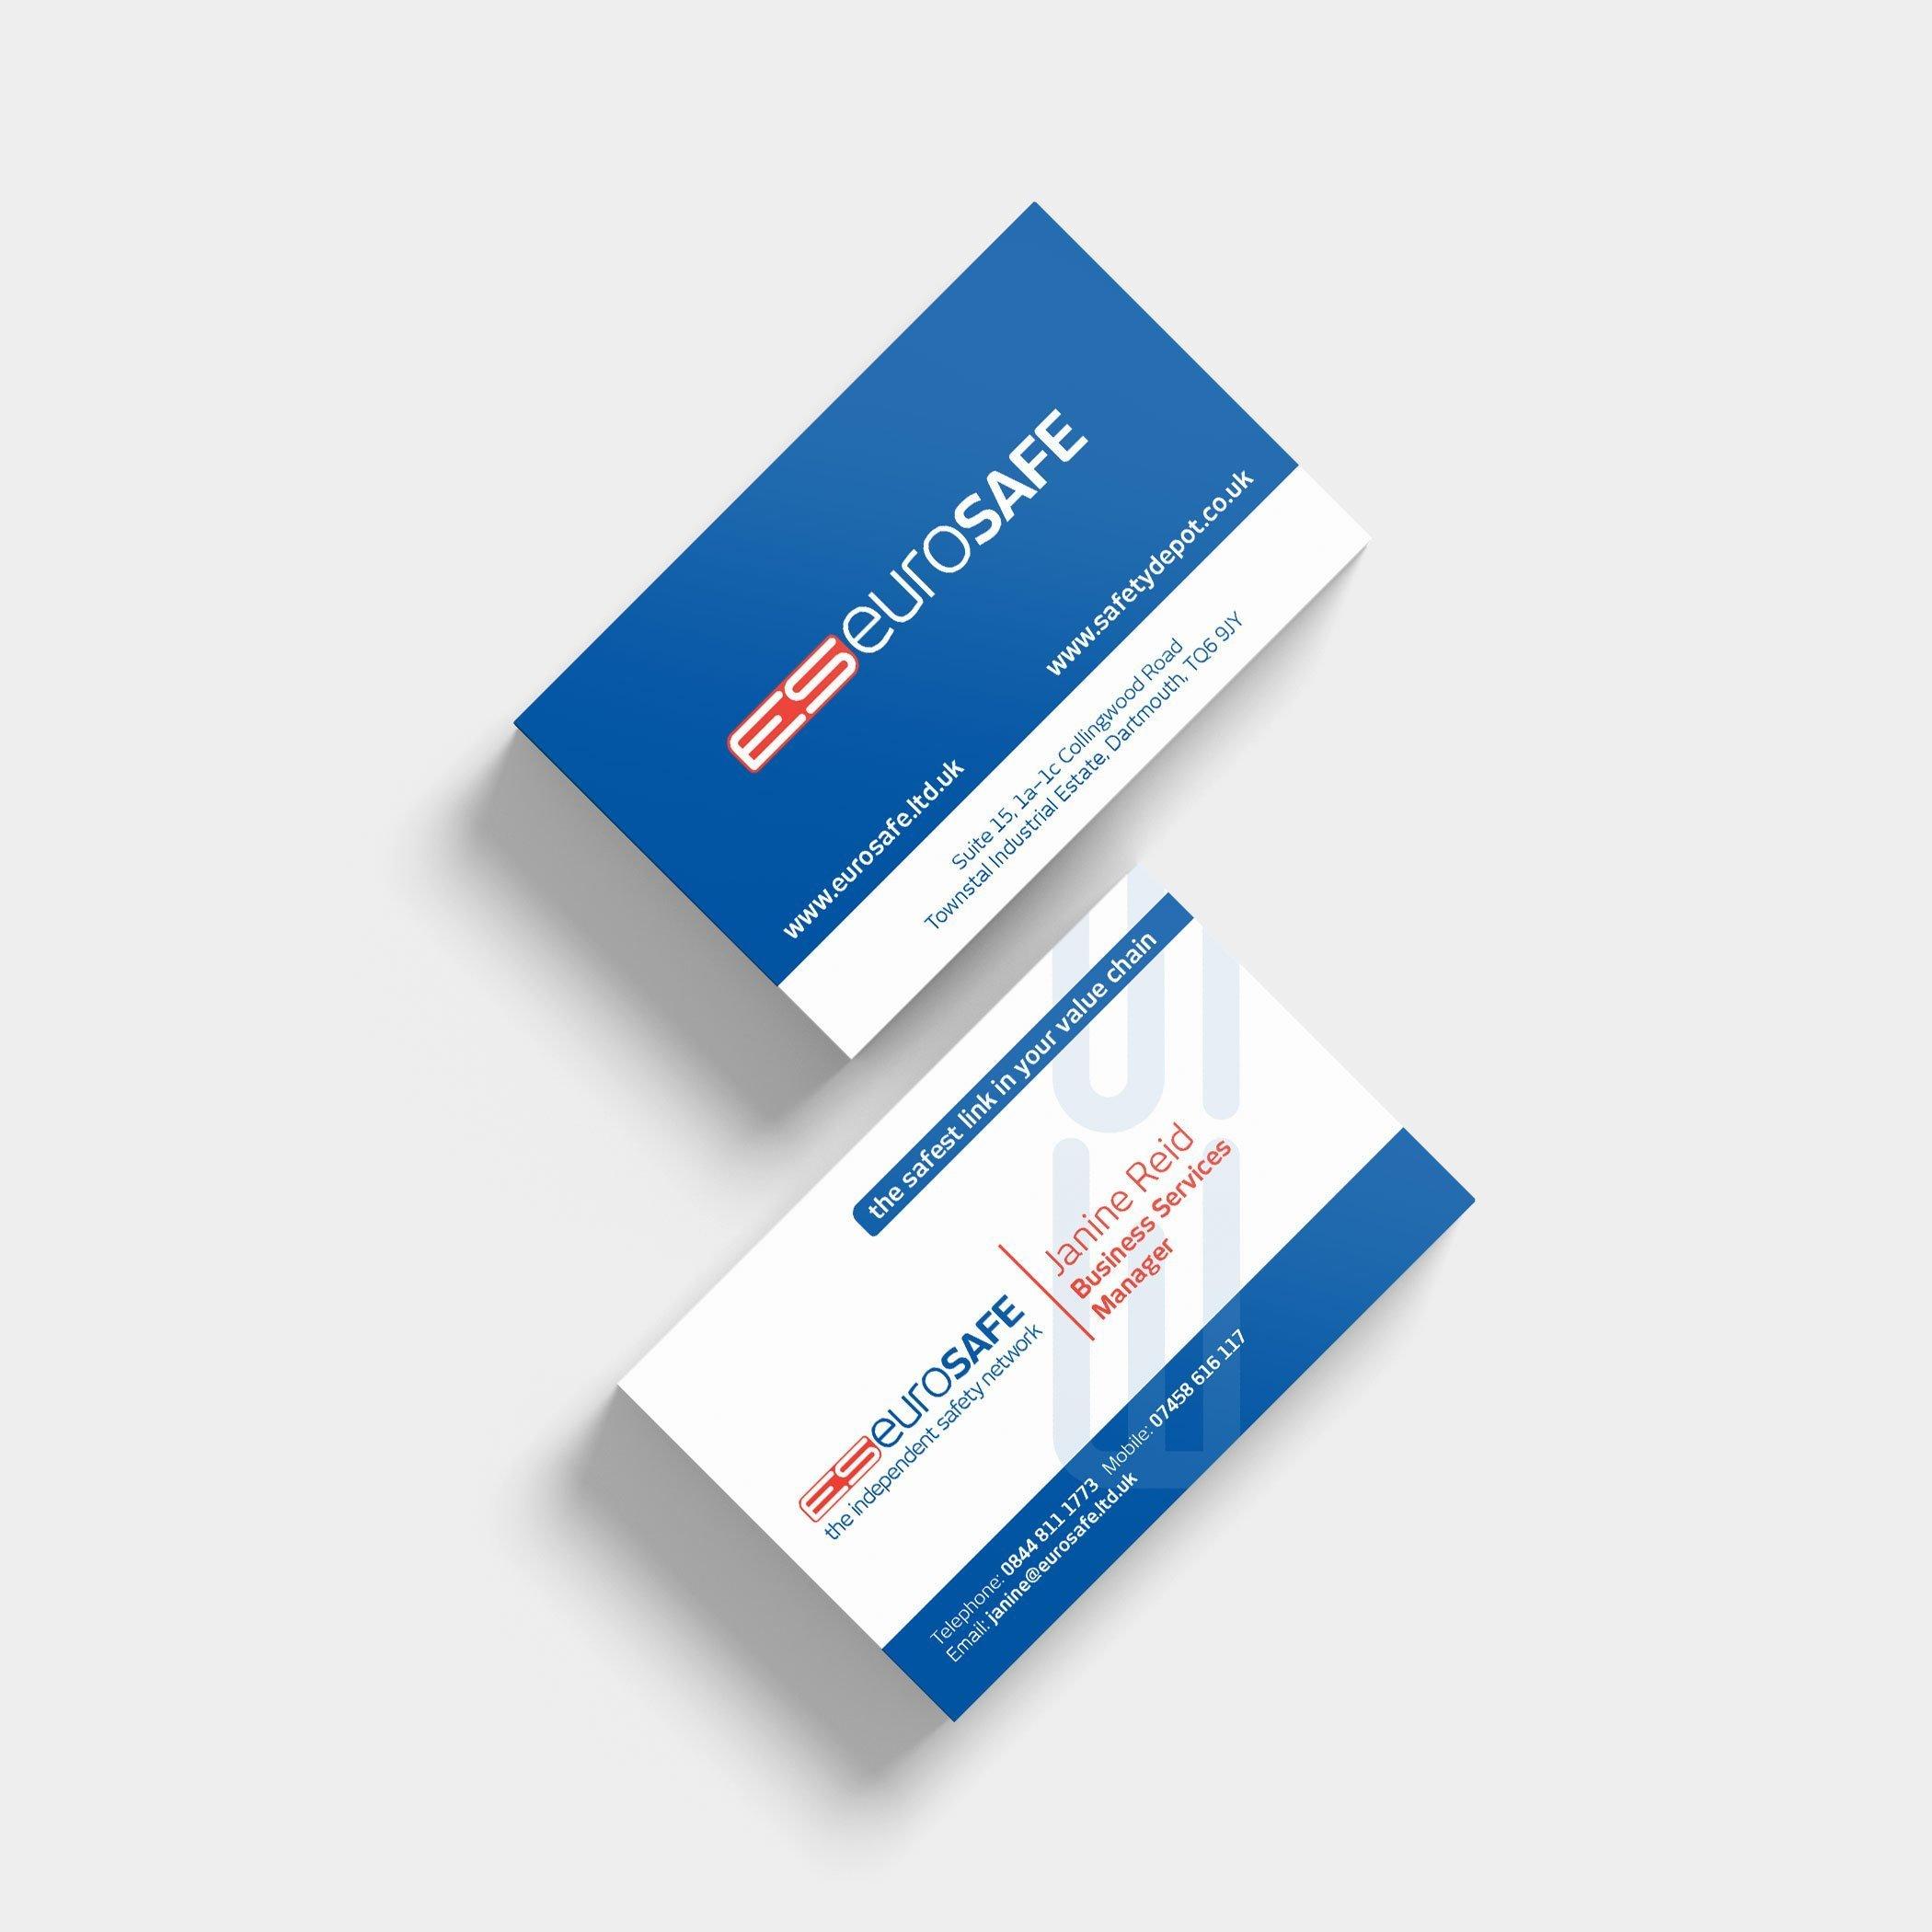 Business Card Design – Eurosafe | Wes Butler Graphic Design